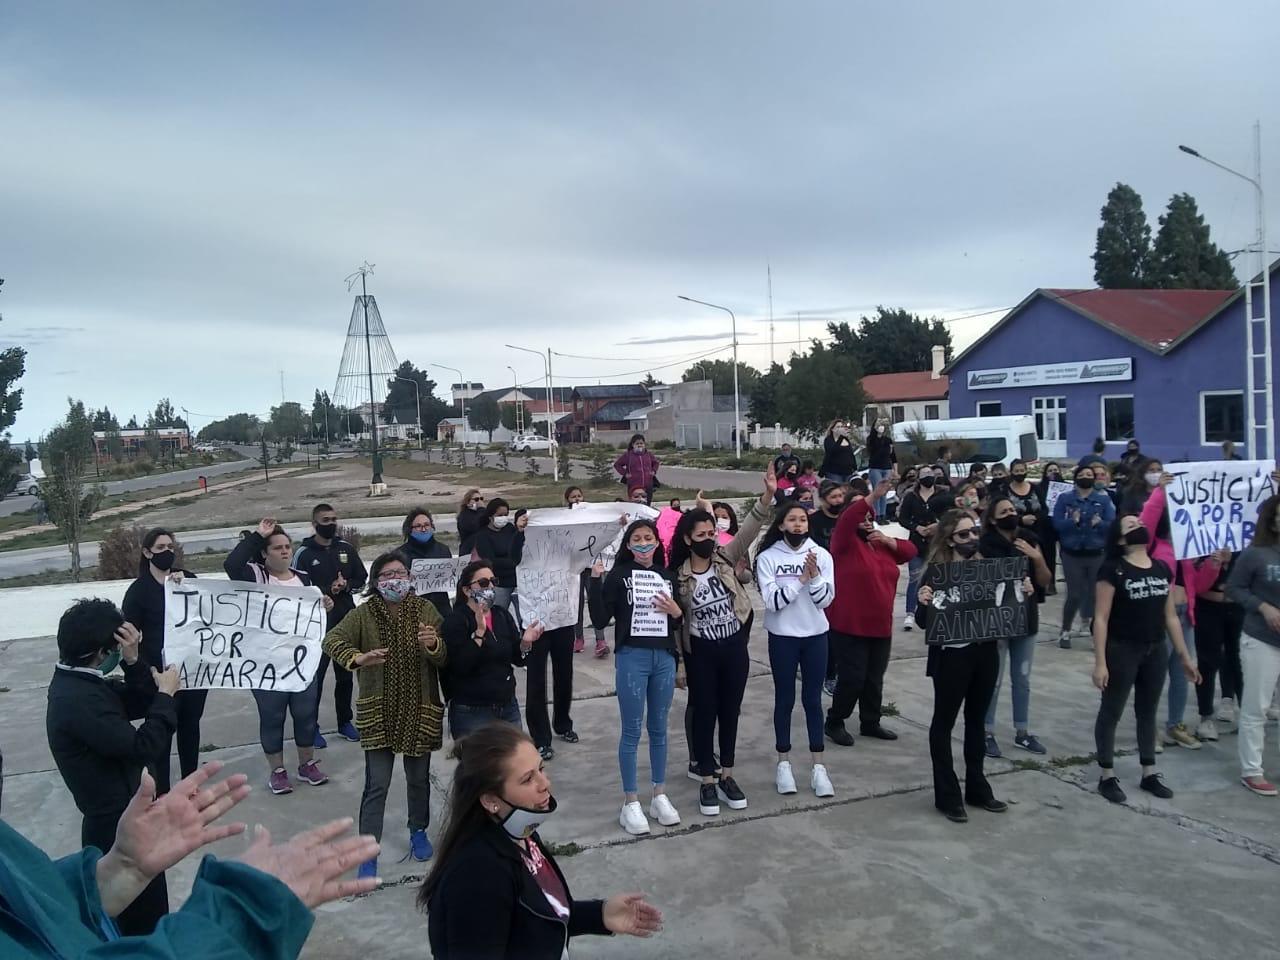 Marcha en Puerto Santa Cruz. FOTO: GENTILEZA KIKE CALINSKI FABBRI